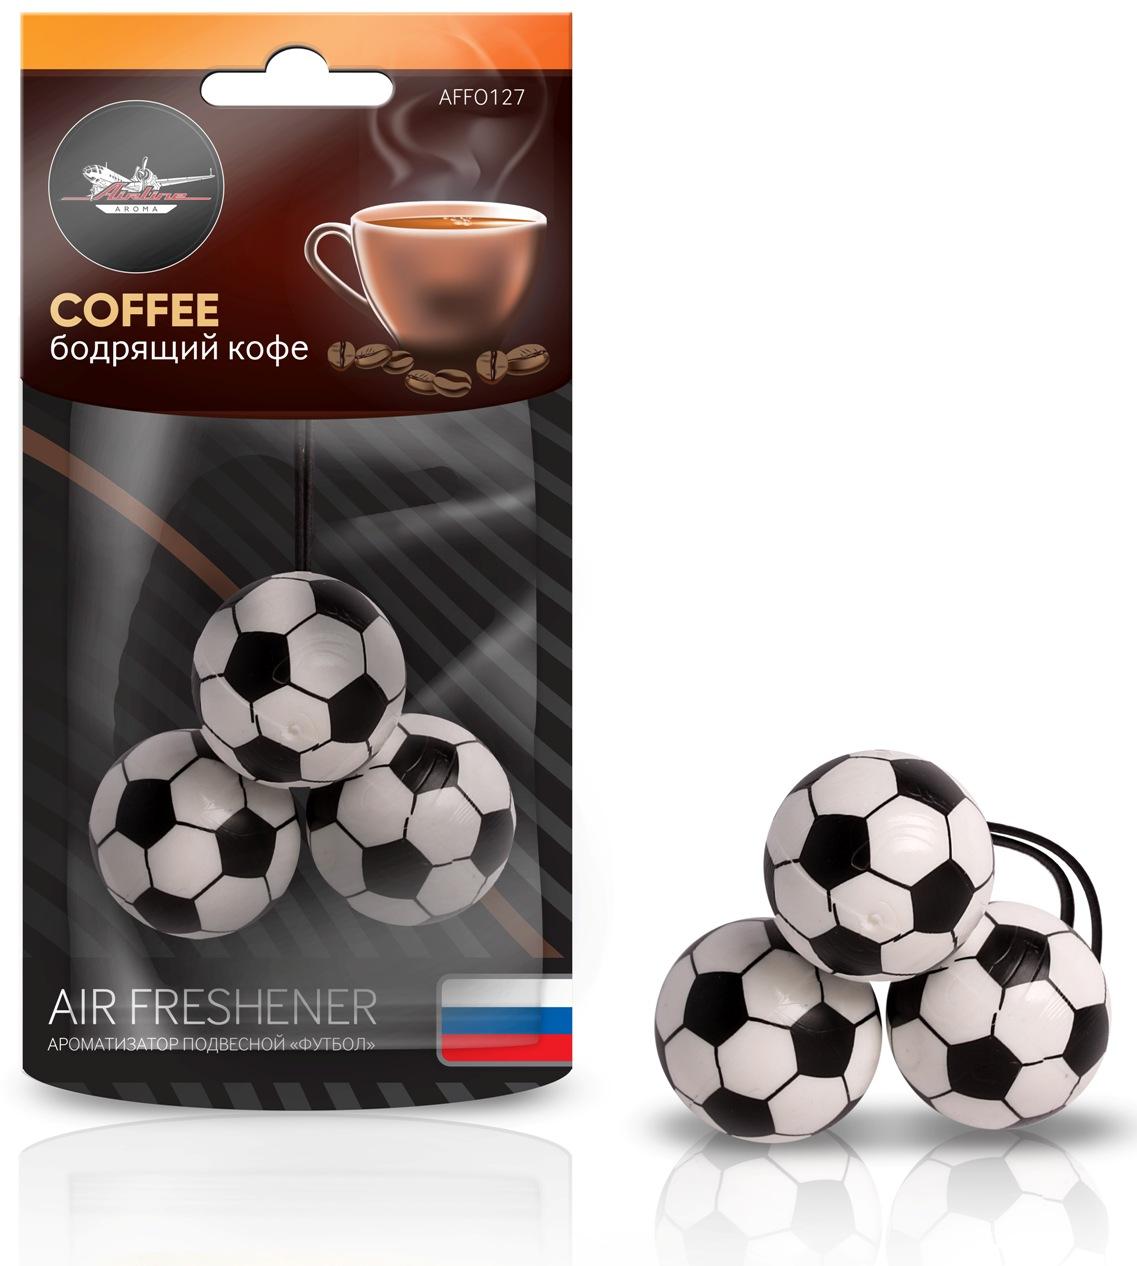 Ароматизатор подвесной Футбол бодрящий кофе (AFFO127)